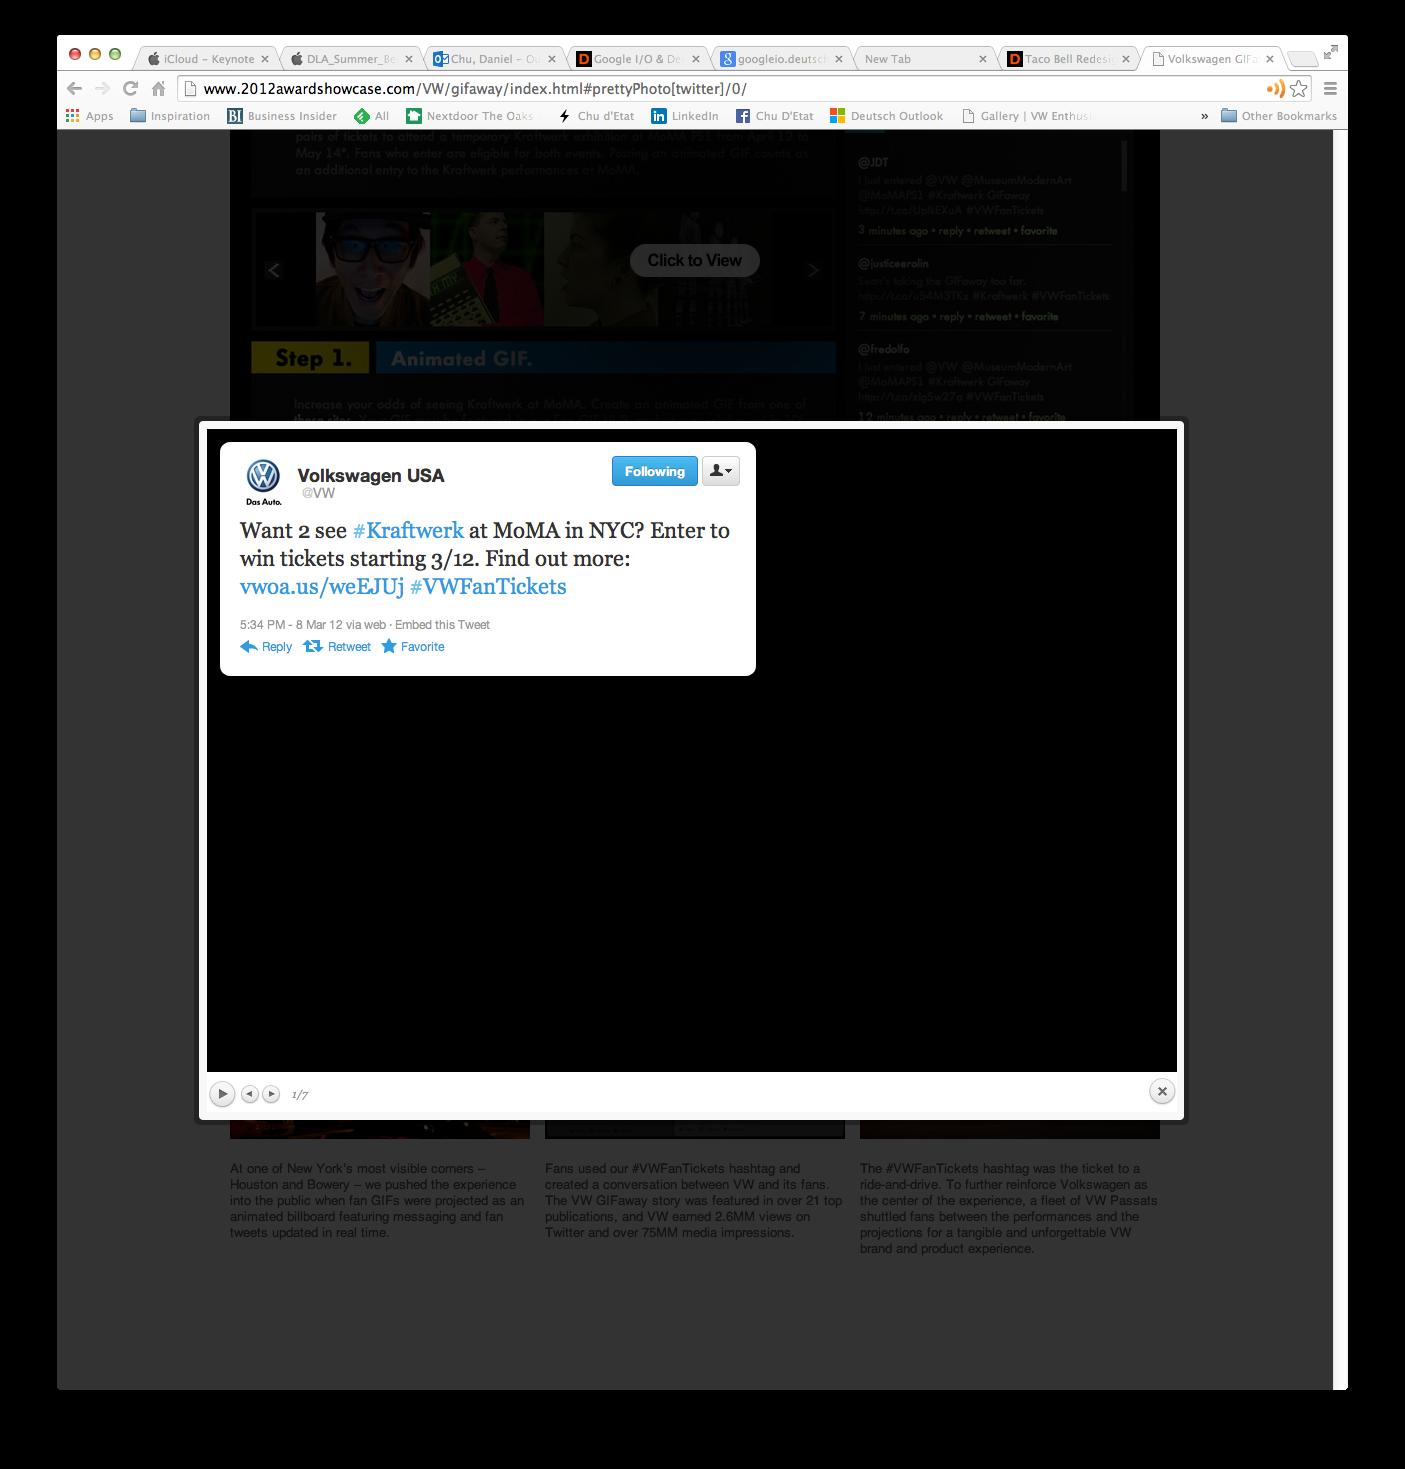 Screen Shot 2014-08-18 at 12.11.25 PM.png